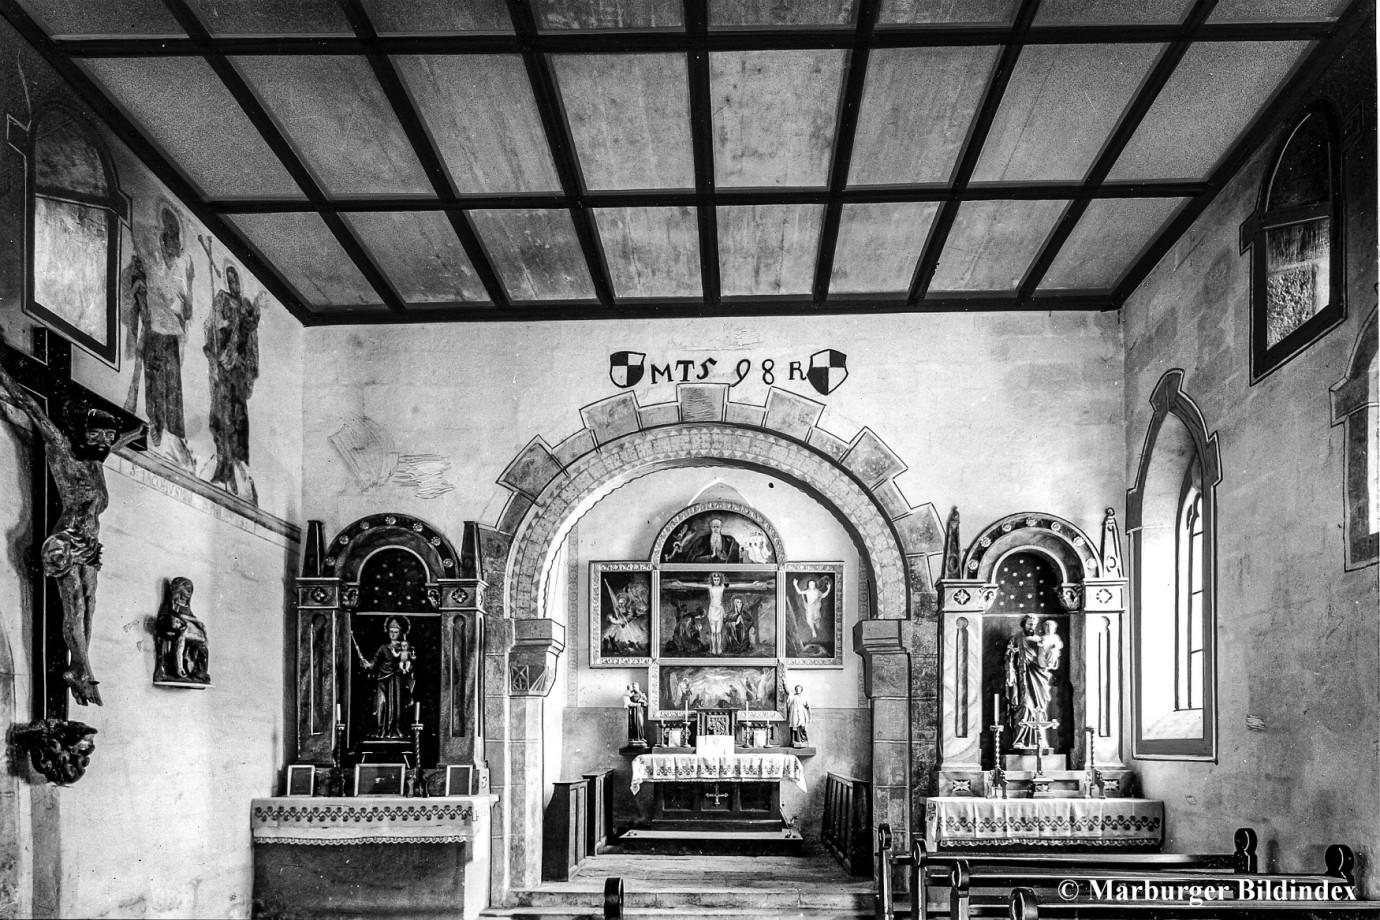 Chor um 1927, 1793 Übertünchung der Fresken und Decke. 1913 Freilegung der Fresken